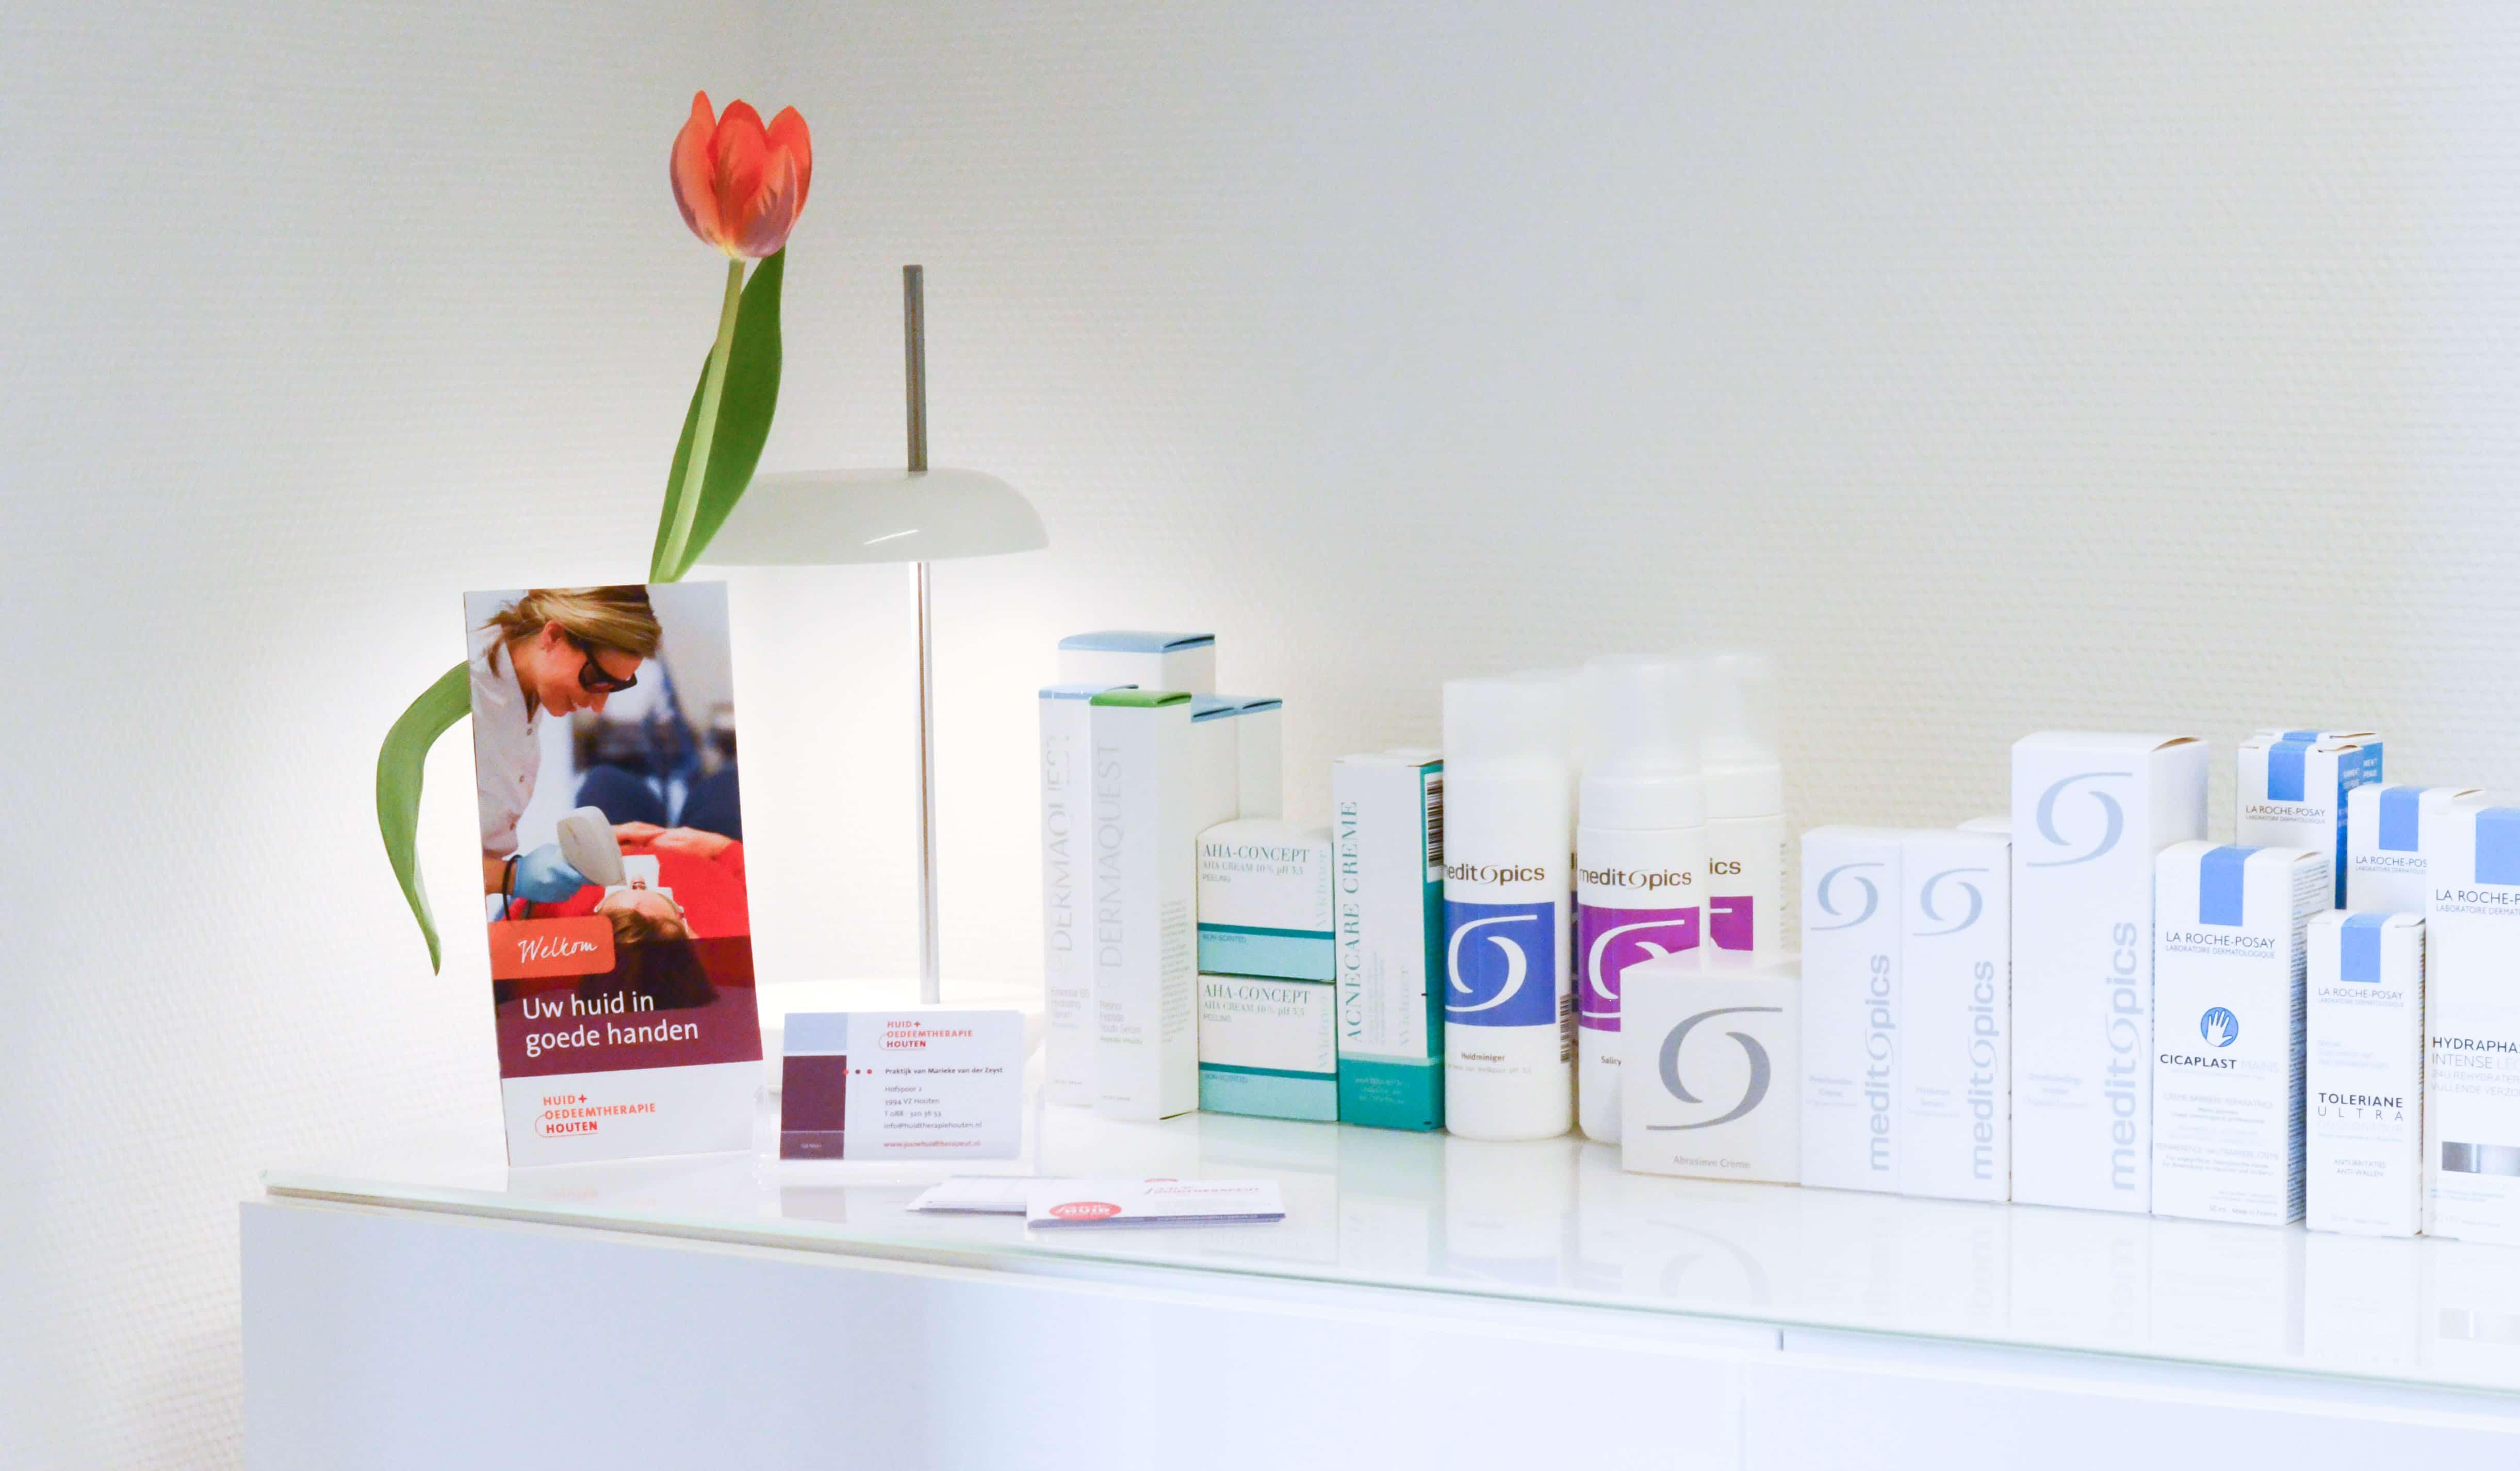 Jouw Huidtherapeut - Praktijk Huidtherapie en Oedeemtherapie - Houten & Bunschoten-Spakenburg - huidverzorging effectief resultaat - geen dure onzin cremes